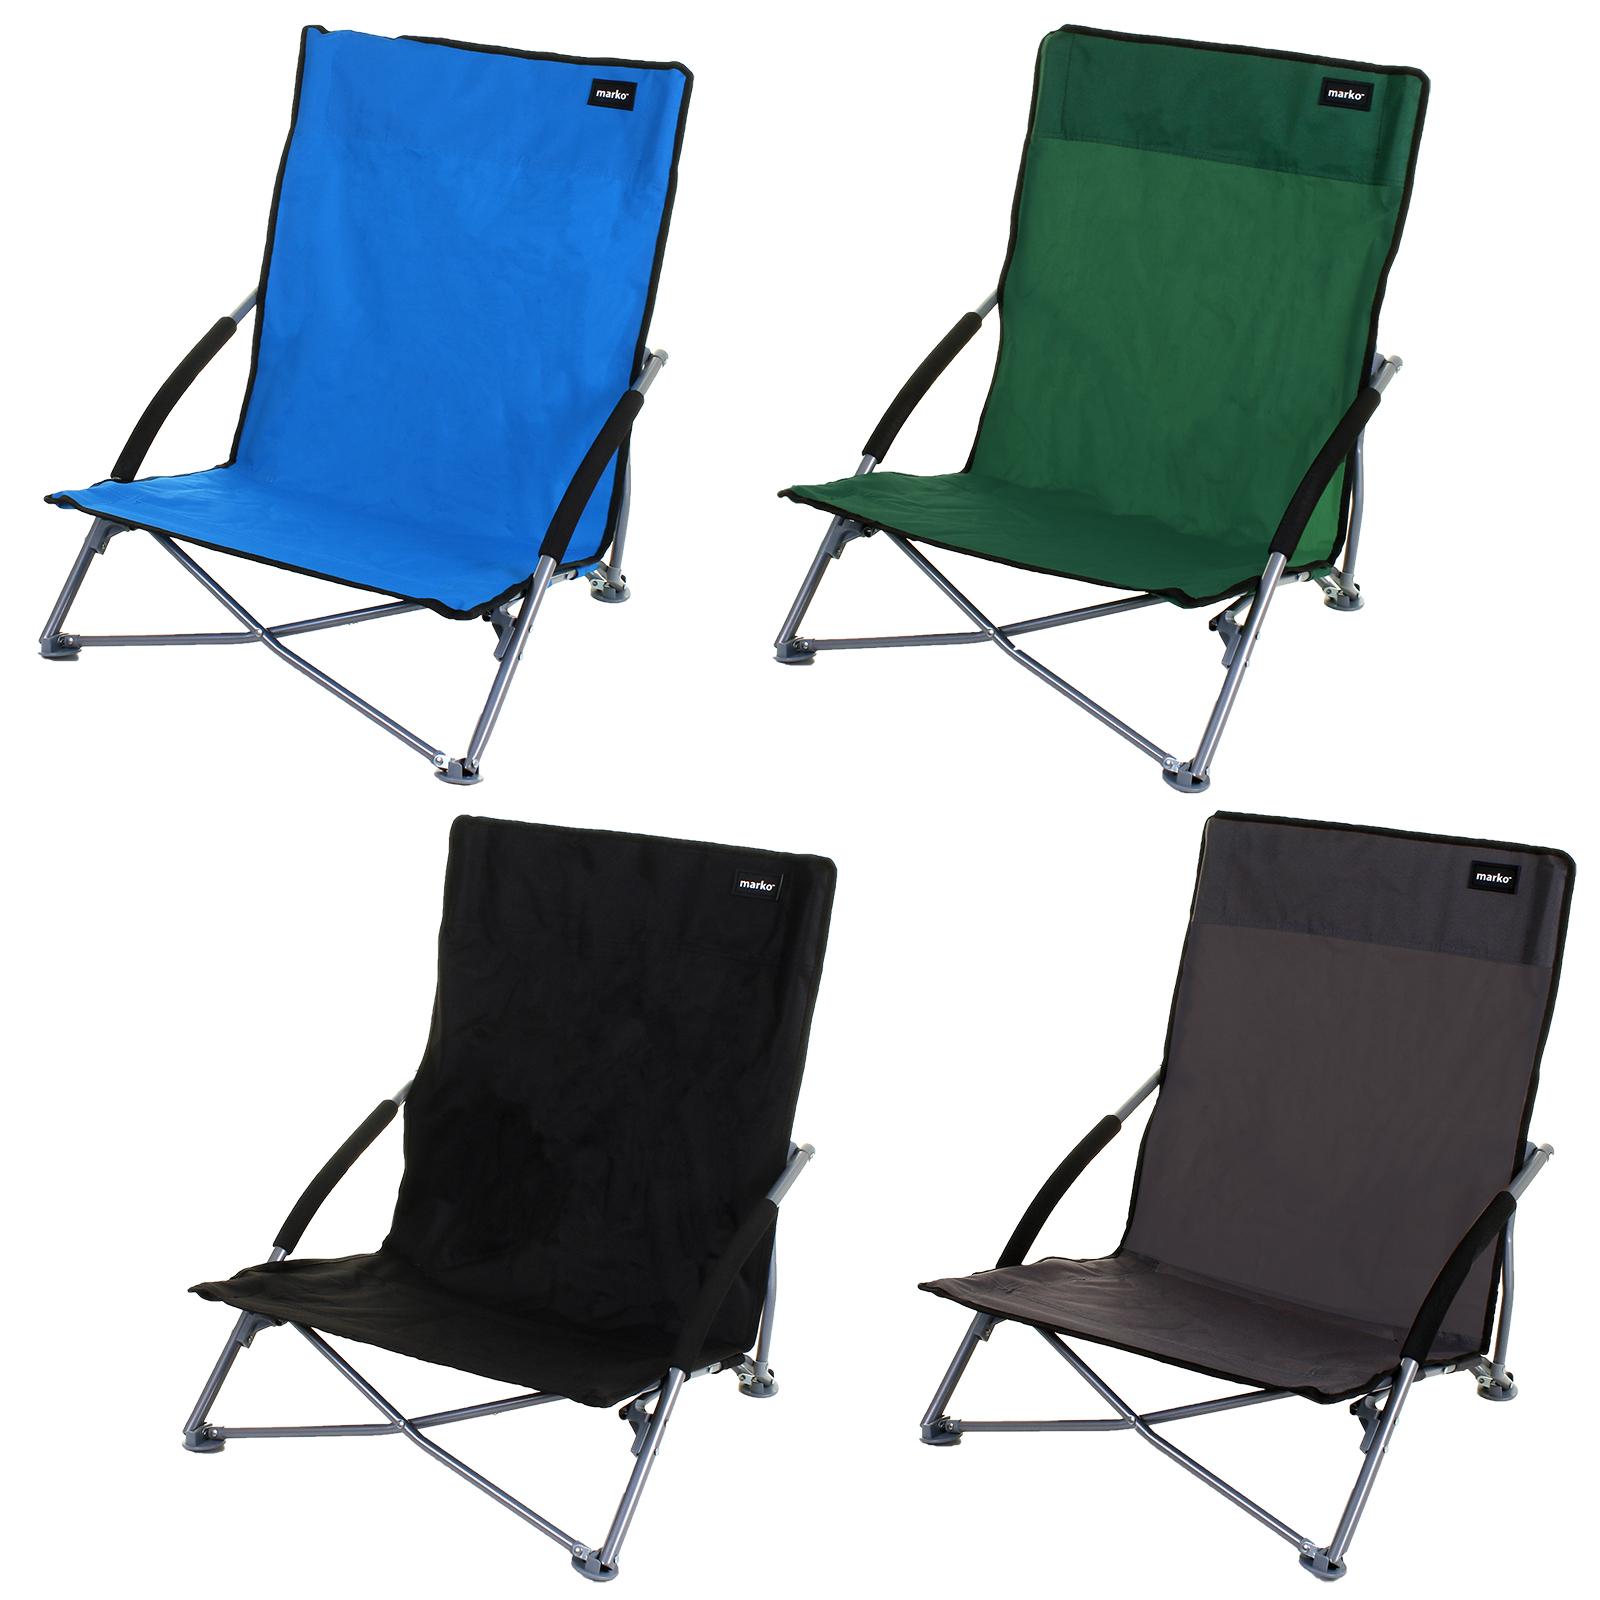 Folding Low Slung Beach Chair Outdoor Camping Festival Deck Relaxer Lightweight Ebay